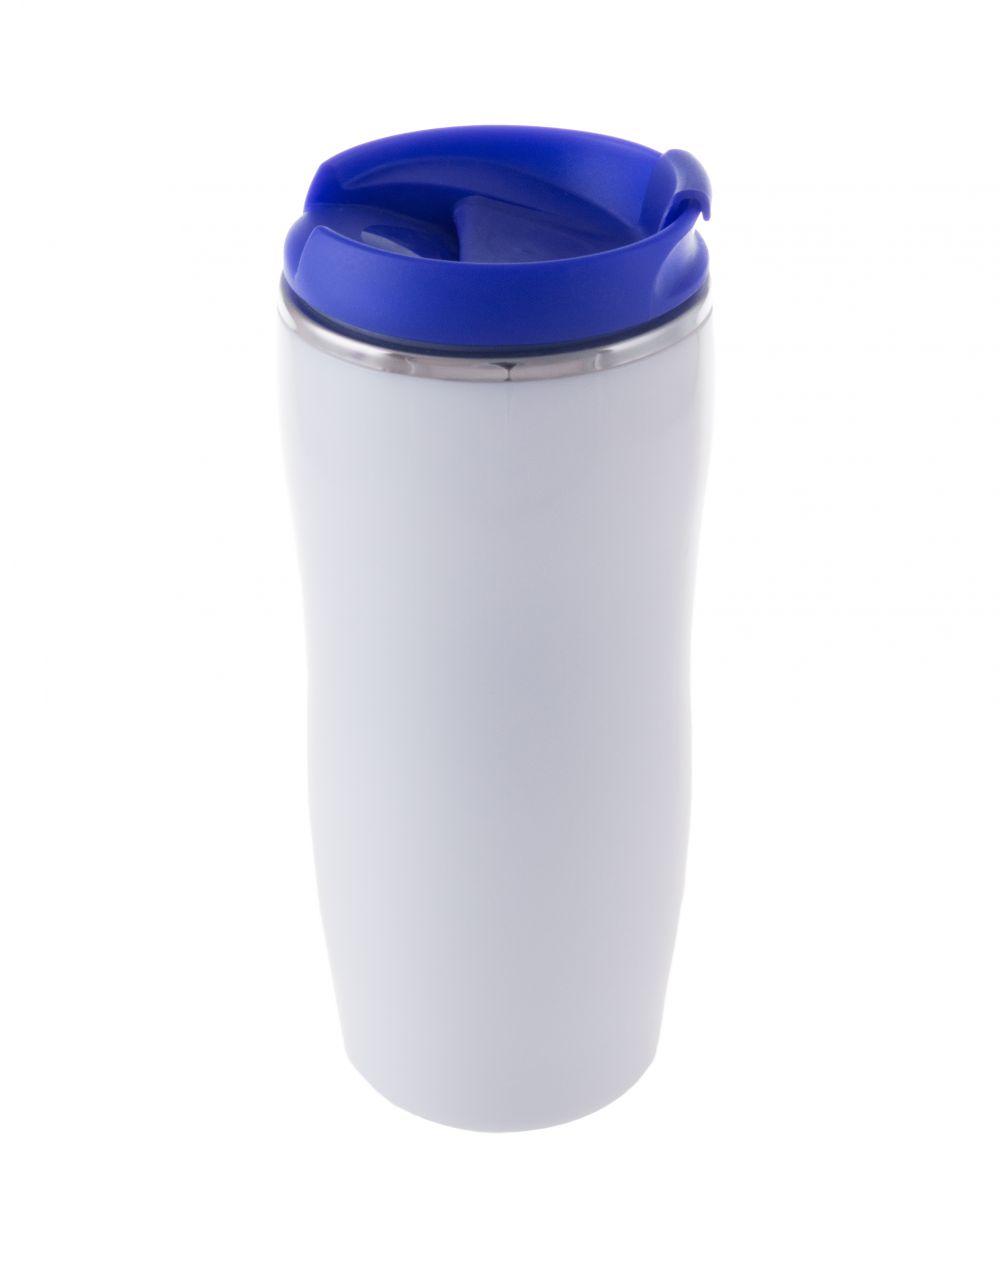 Vasos para llevar zicox de metal con publicidad imagen 1